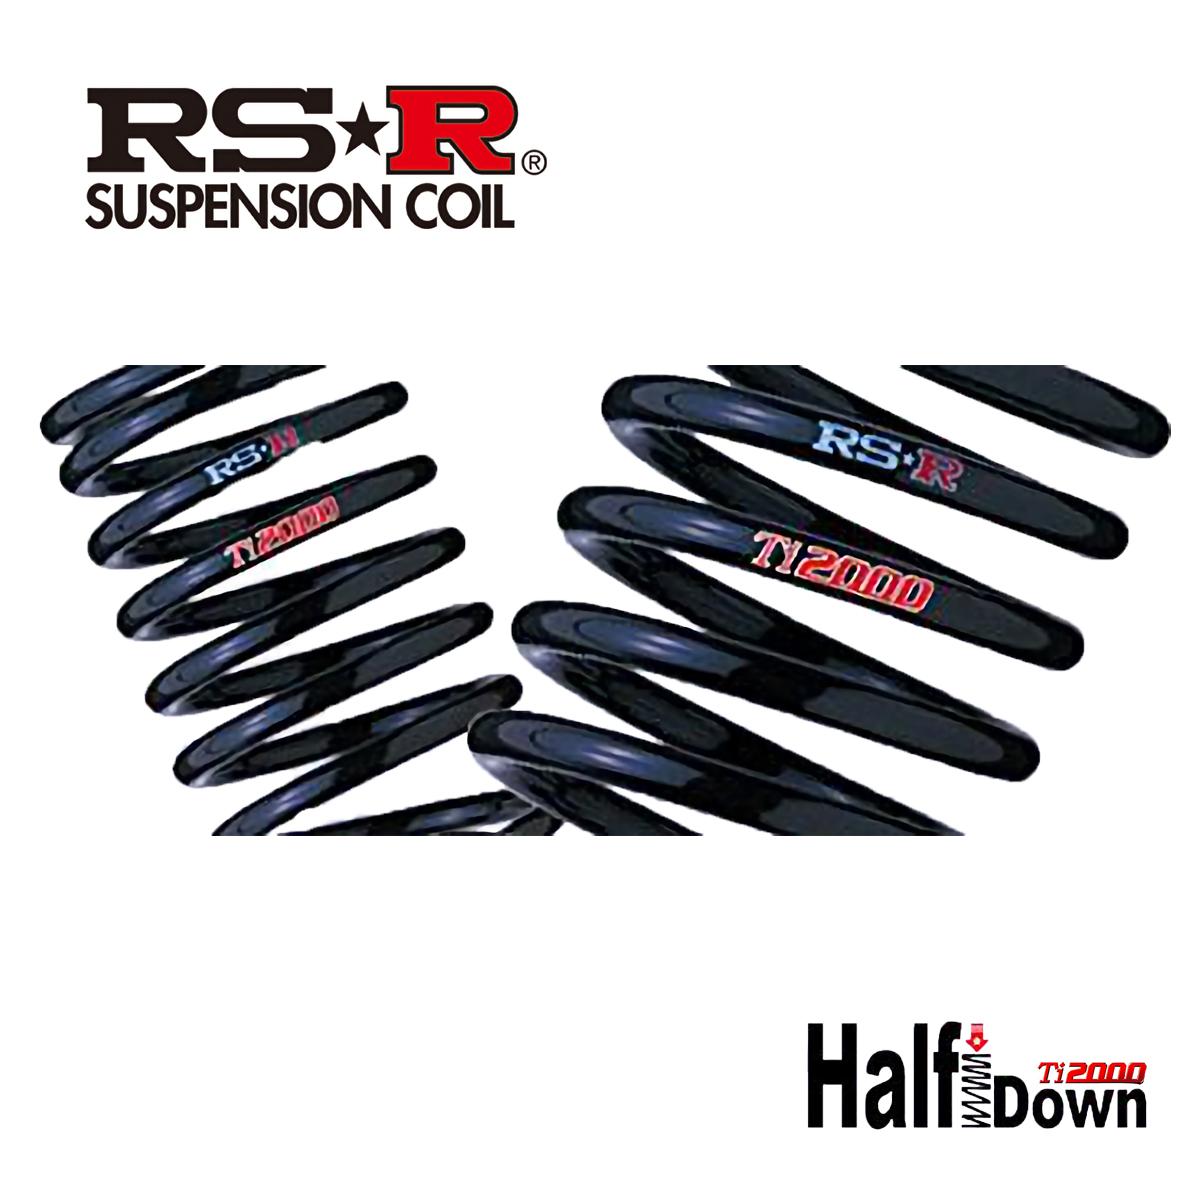 RS-R シエンタ G NSP170G ダウンサス T896THD Ti2000 ハーフダウン RSR 個人宅発送追金有